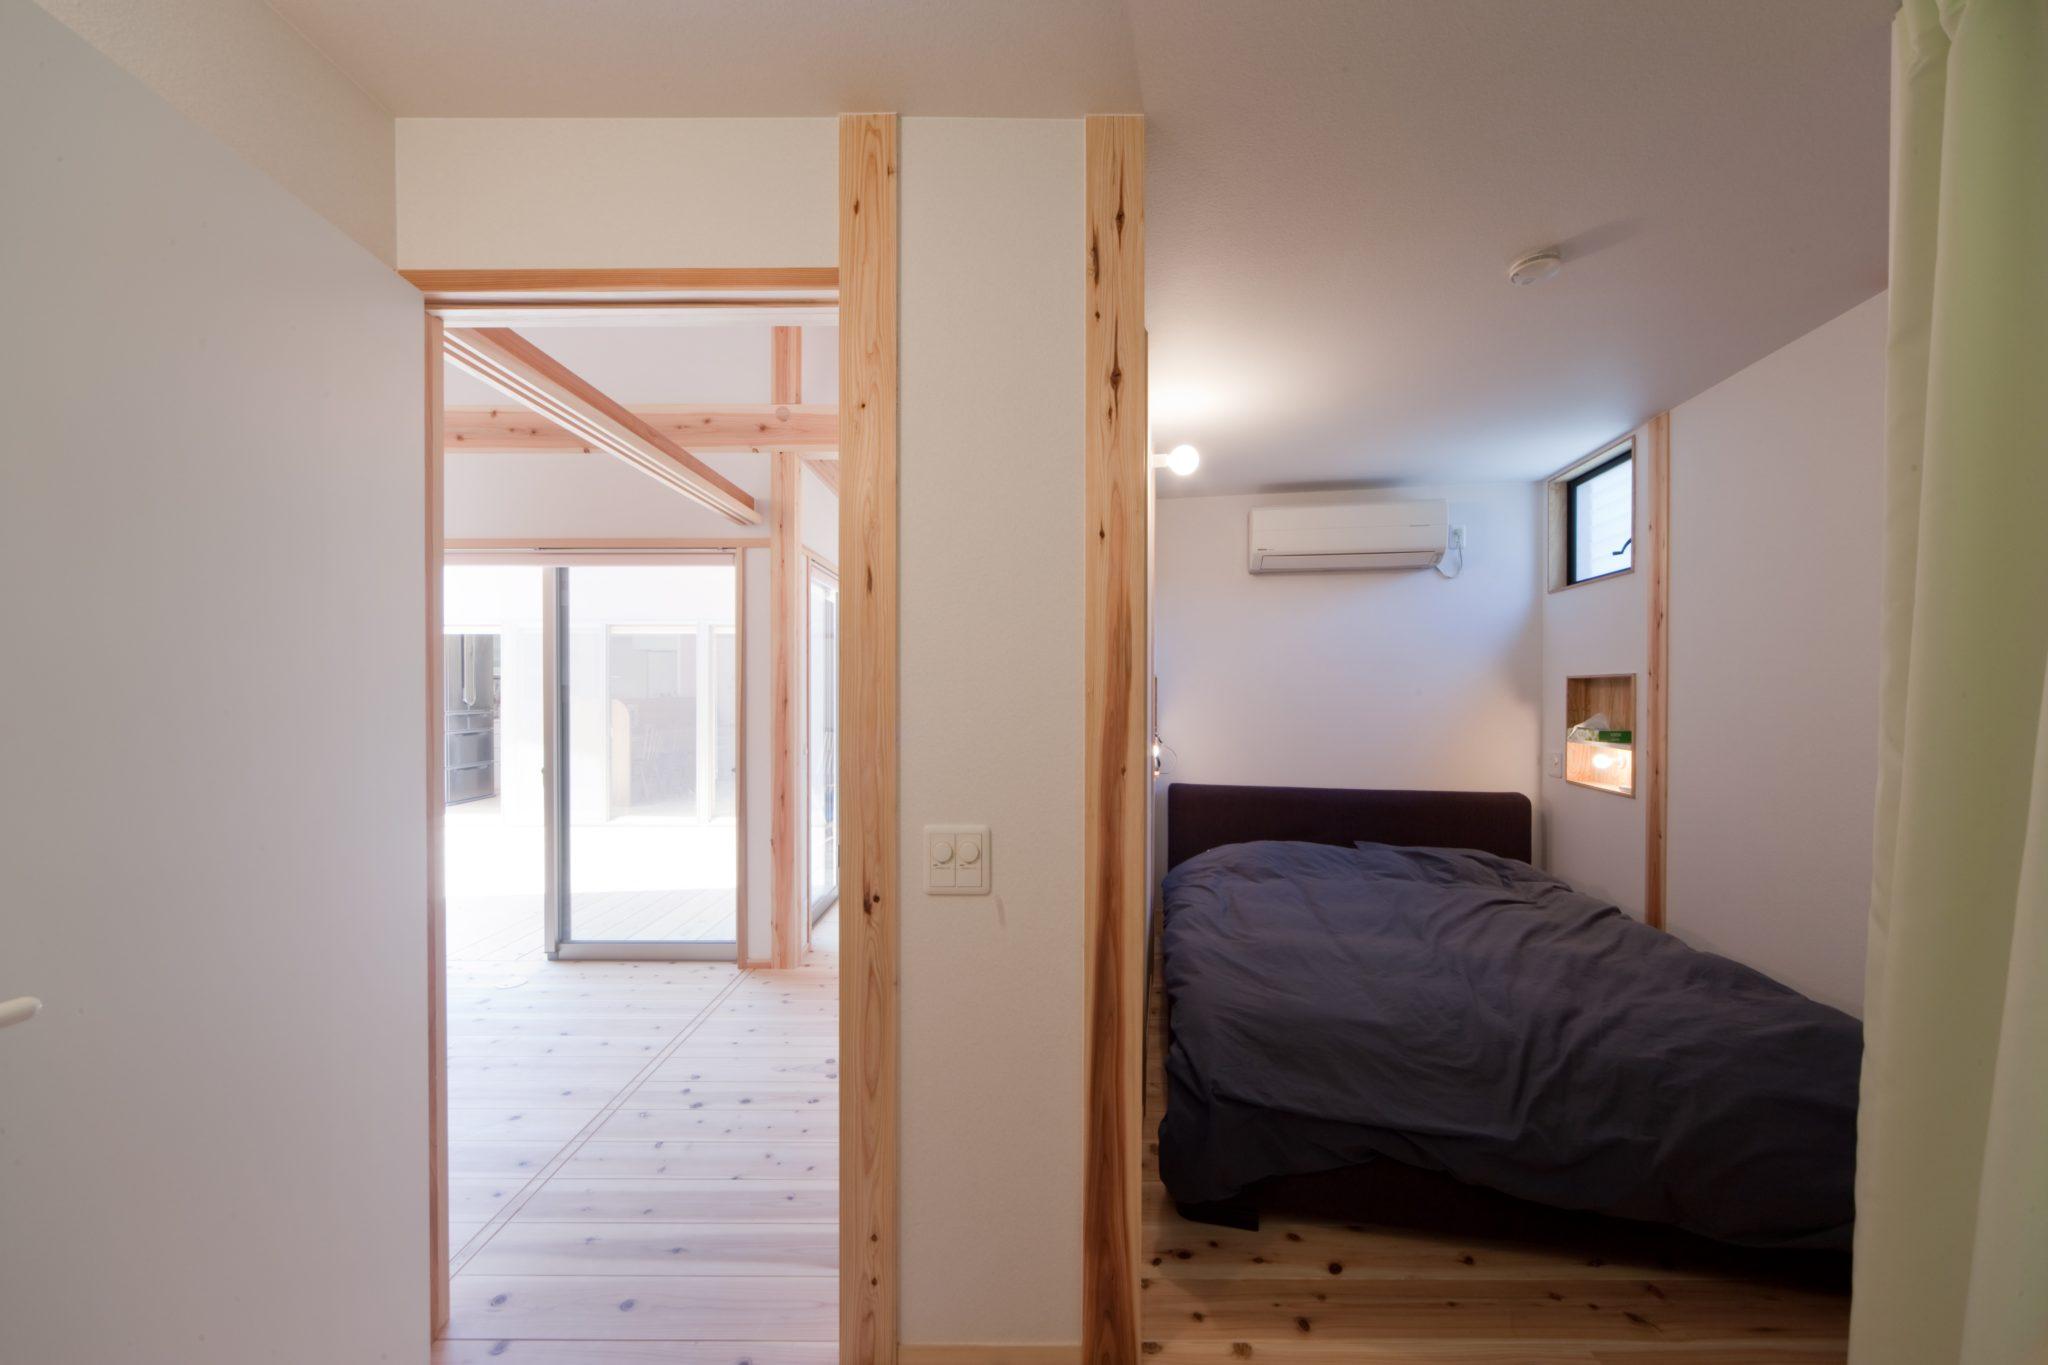 居間の裏側の寝室